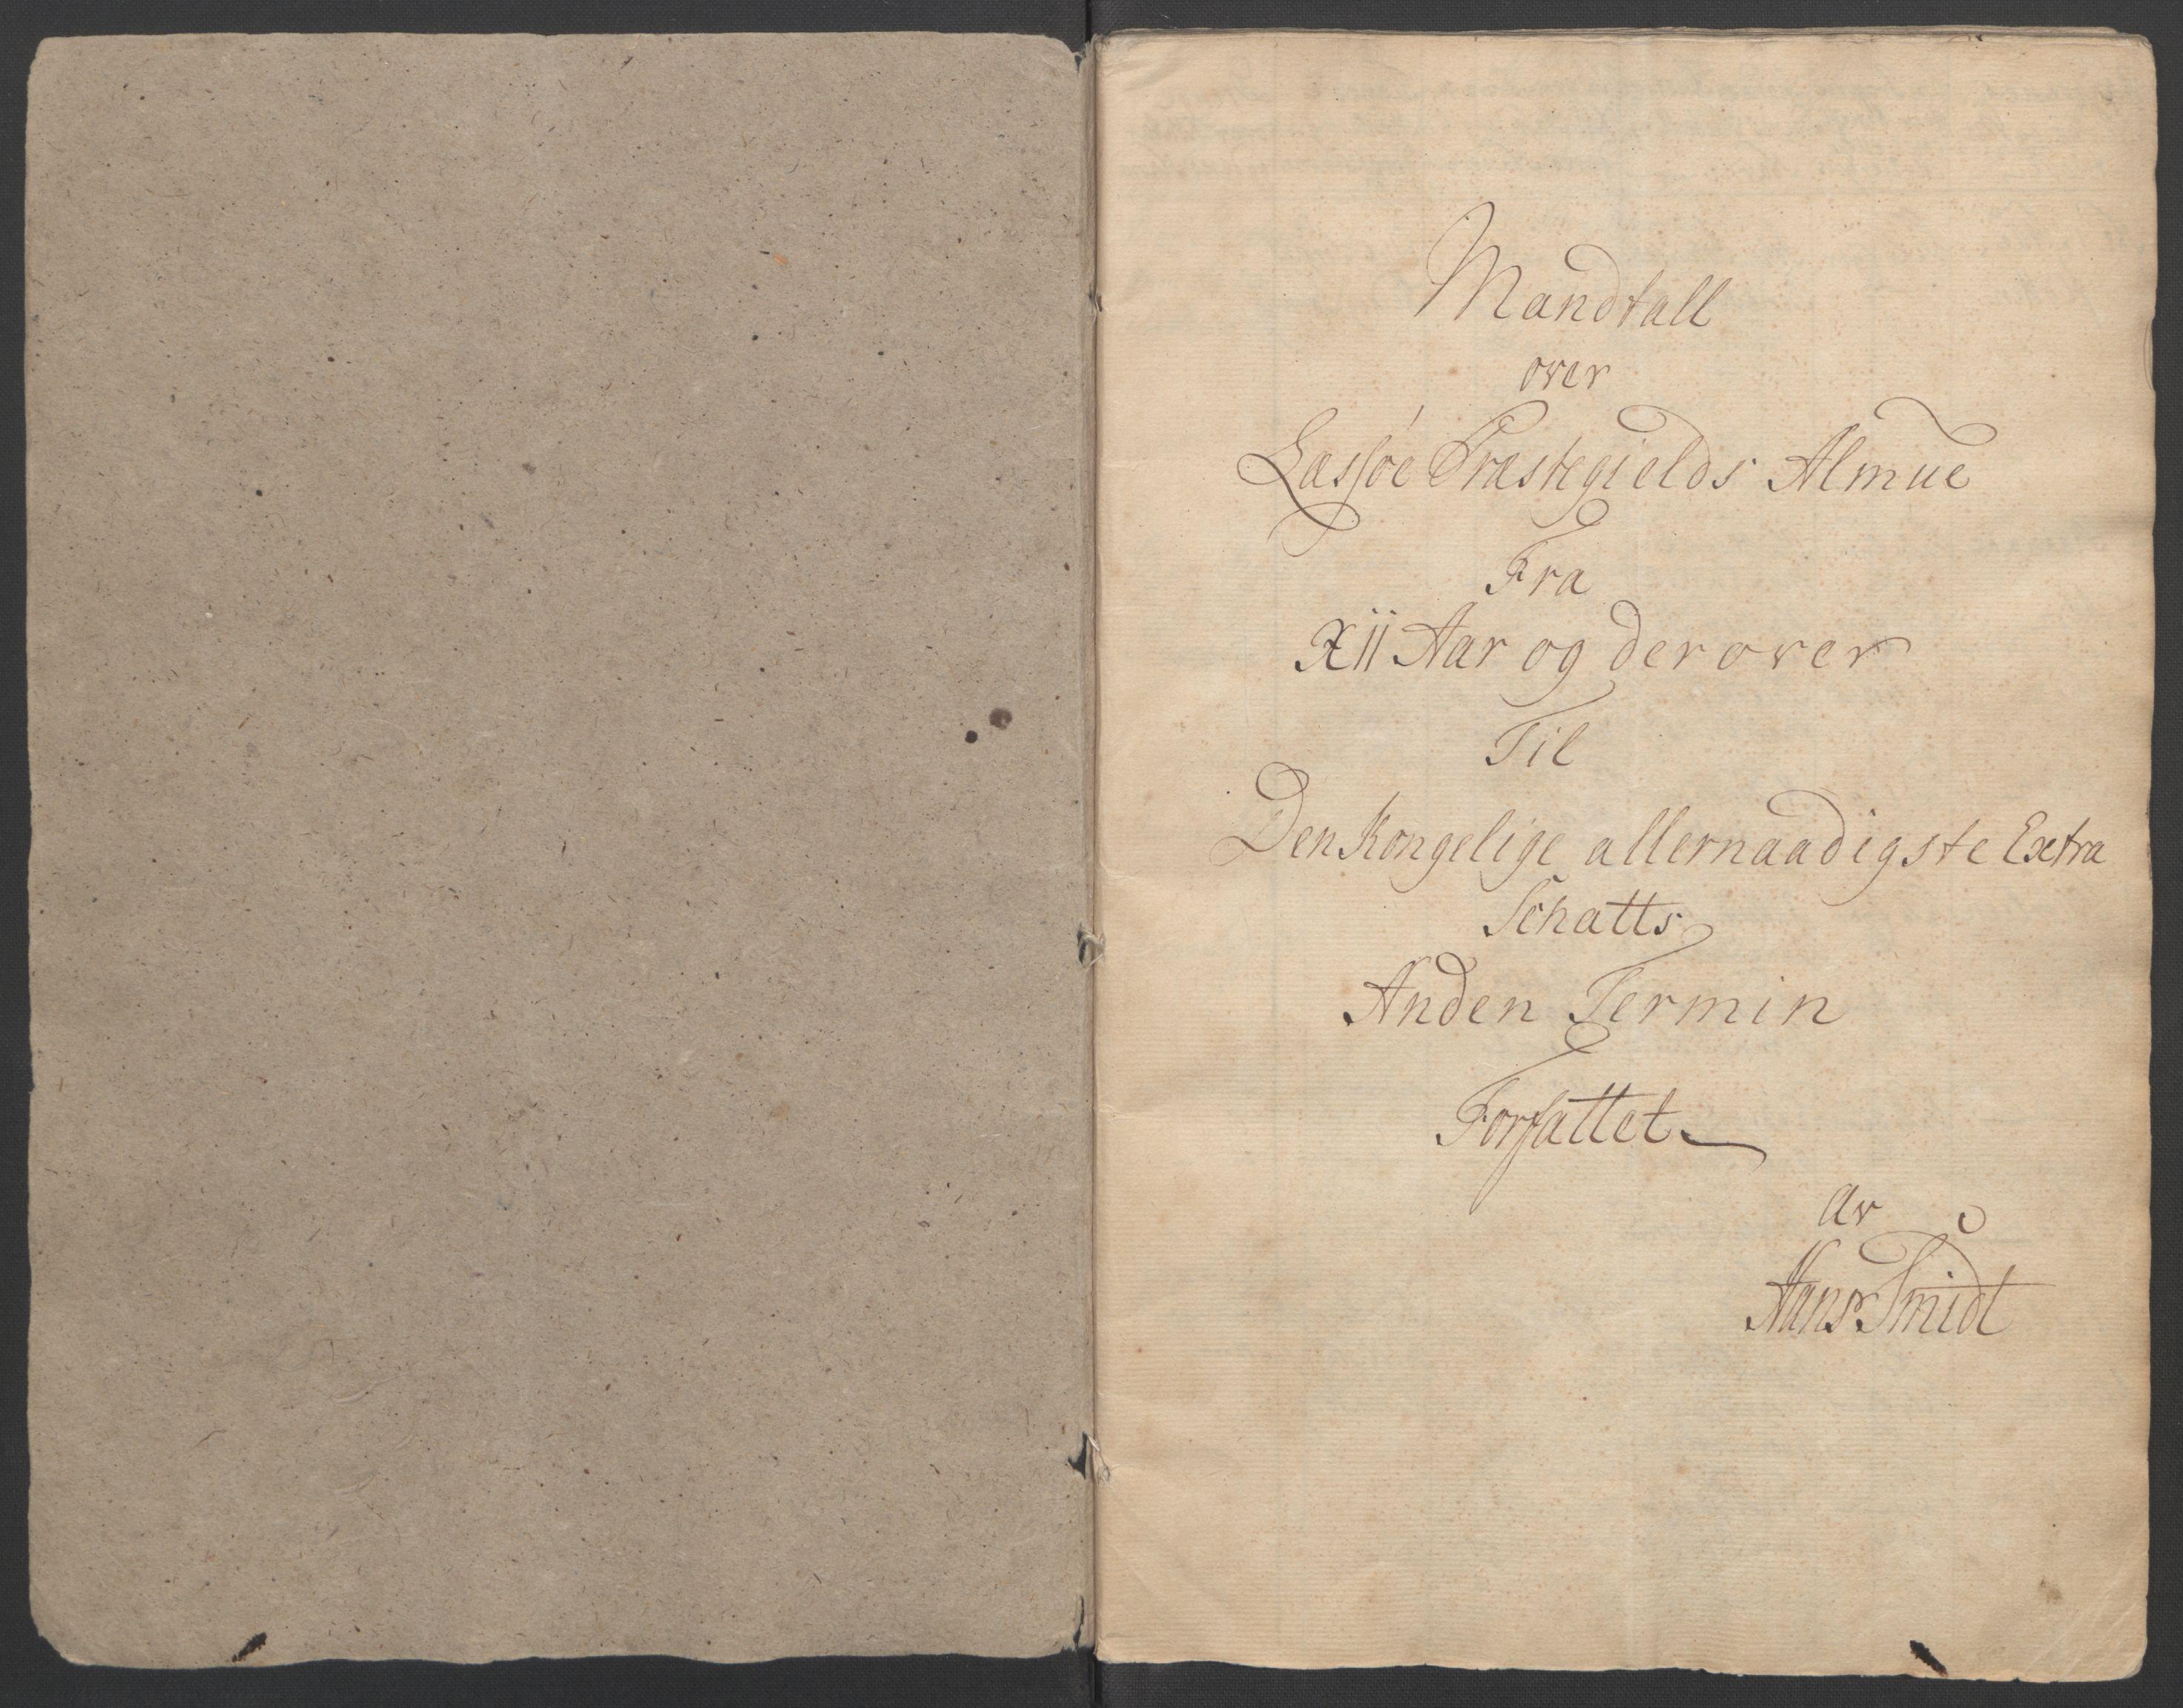 RA, Rentekammeret inntil 1814, Reviderte regnskaper, Fogderegnskap, R17/L1266: Ekstraskatten Gudbrandsdal, 1762-1766, s. 278